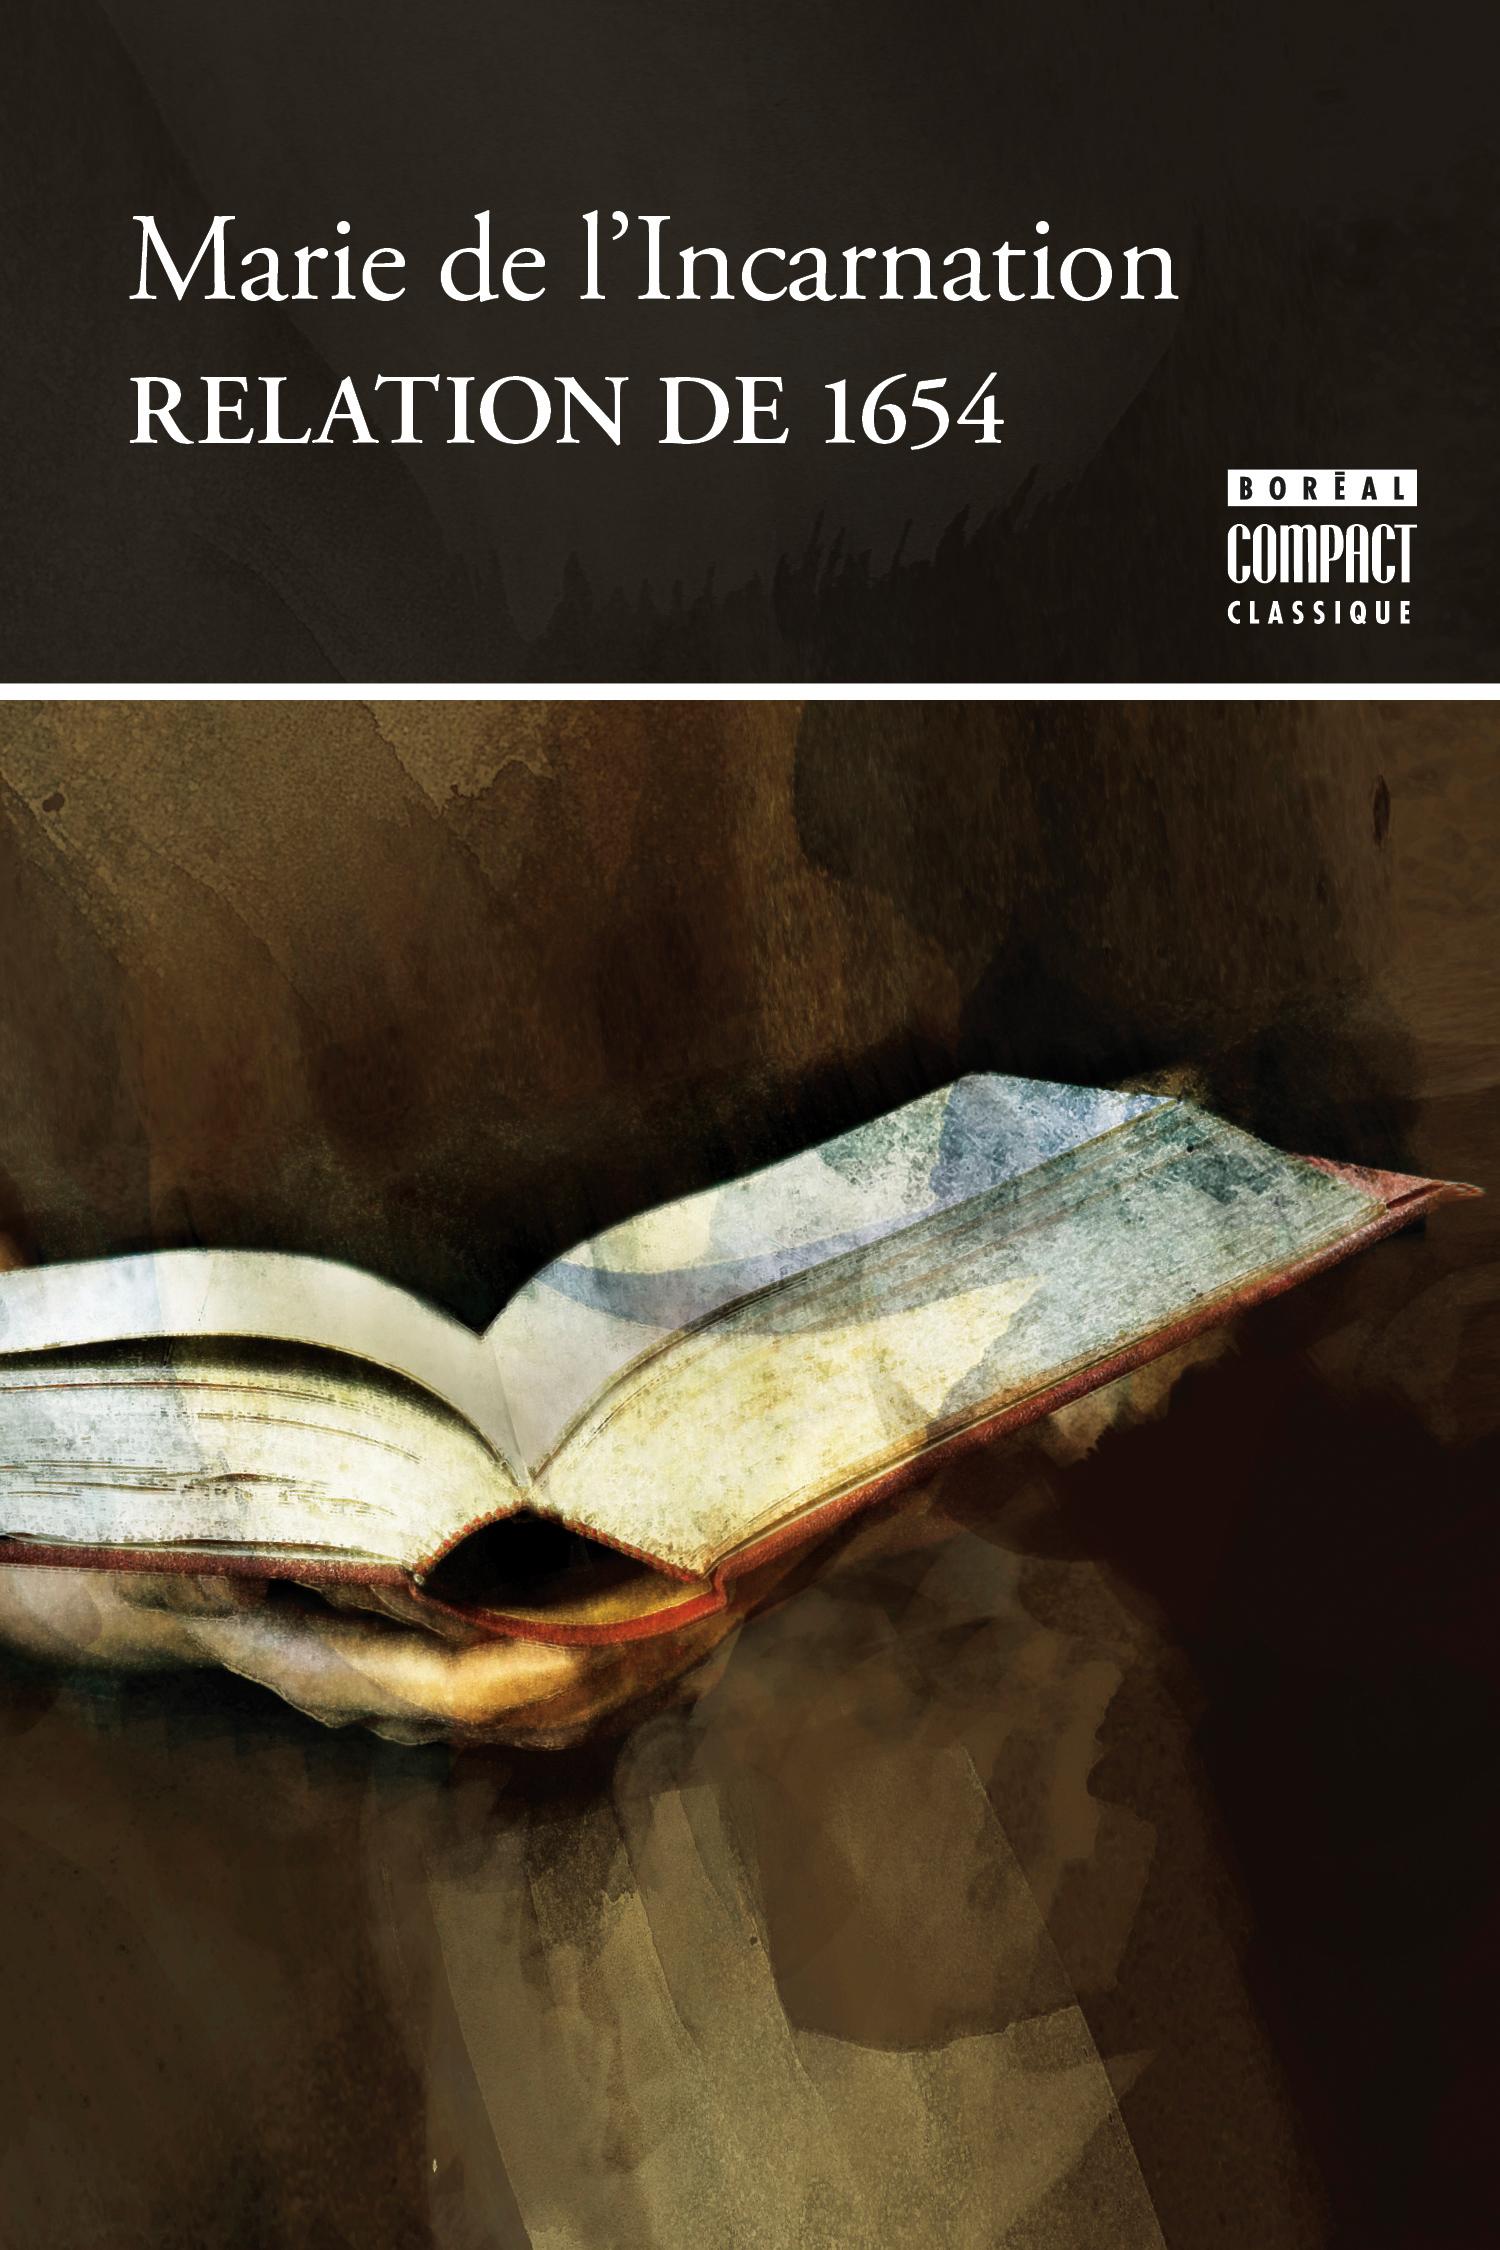 Relation de 1654